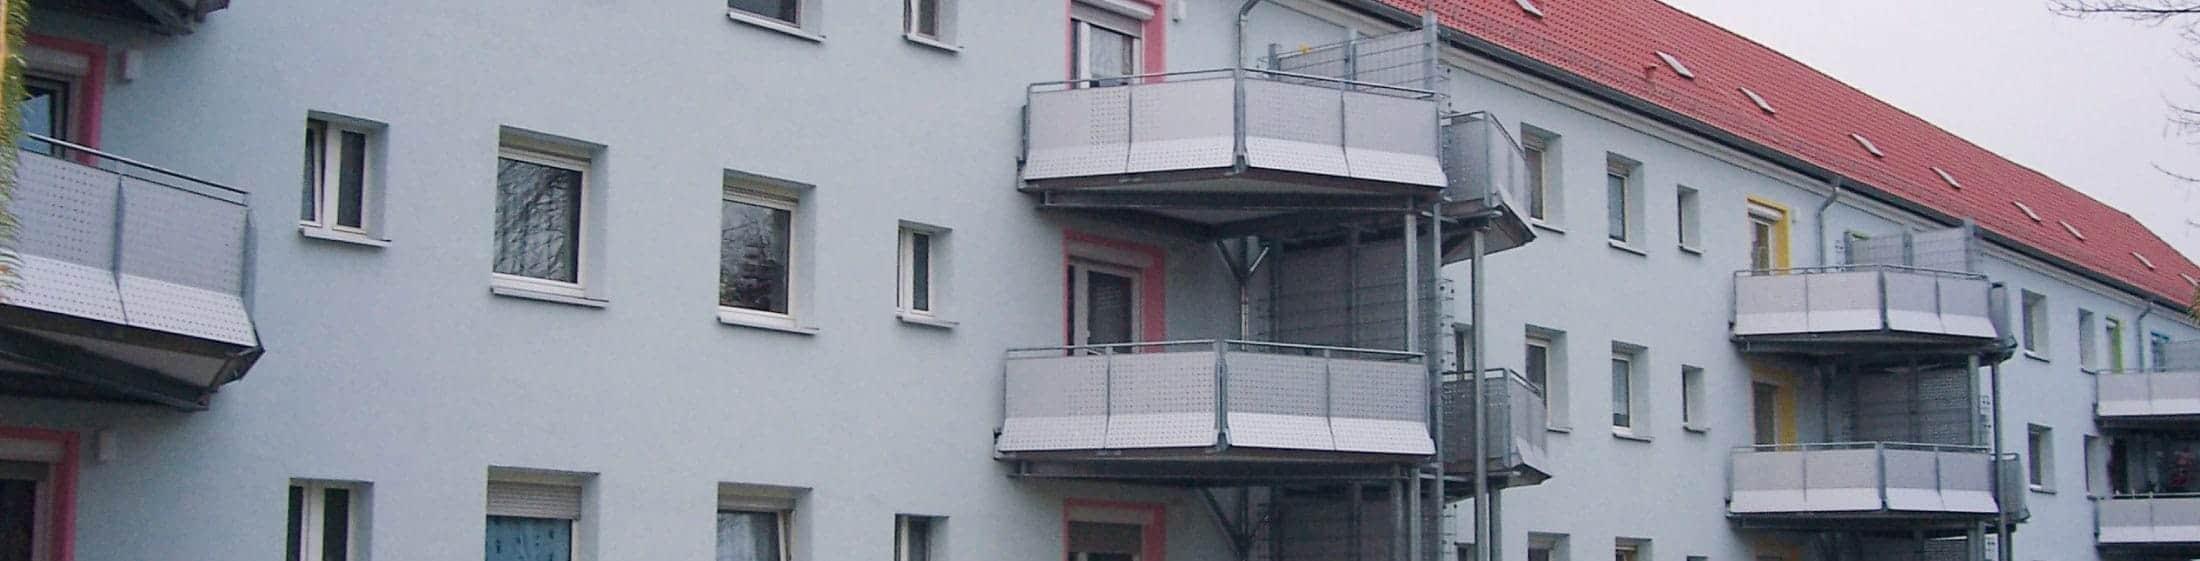 Balkon Terrassensanierung Bauunternehmen Bannwegbau